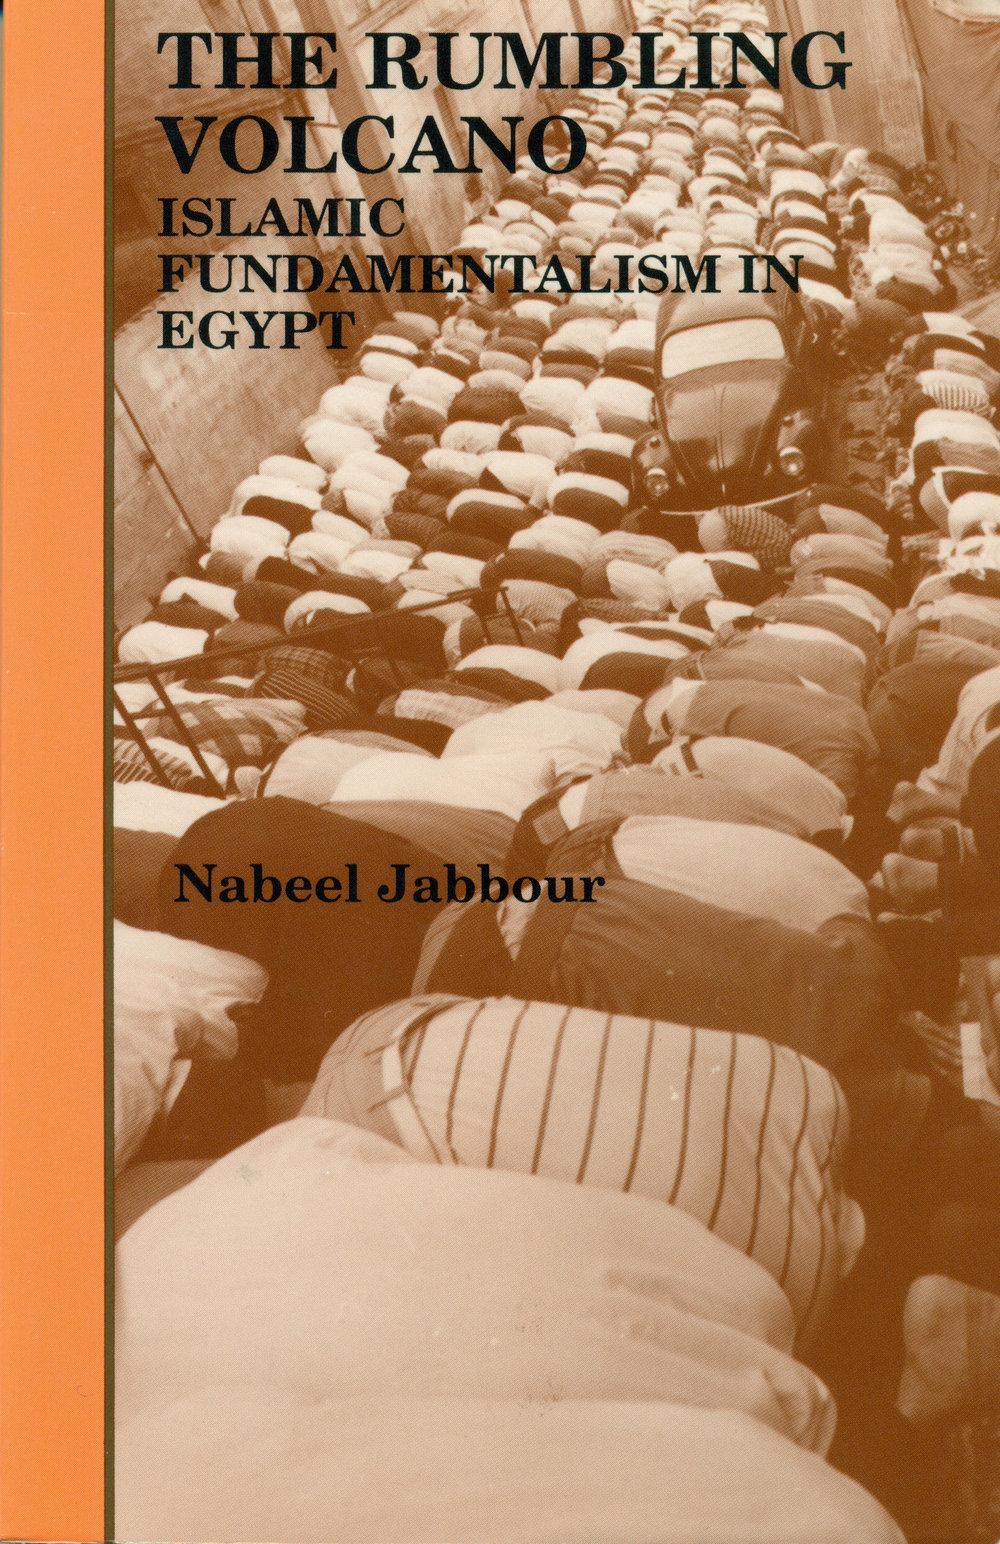 R-V-Book-Cover.jpg